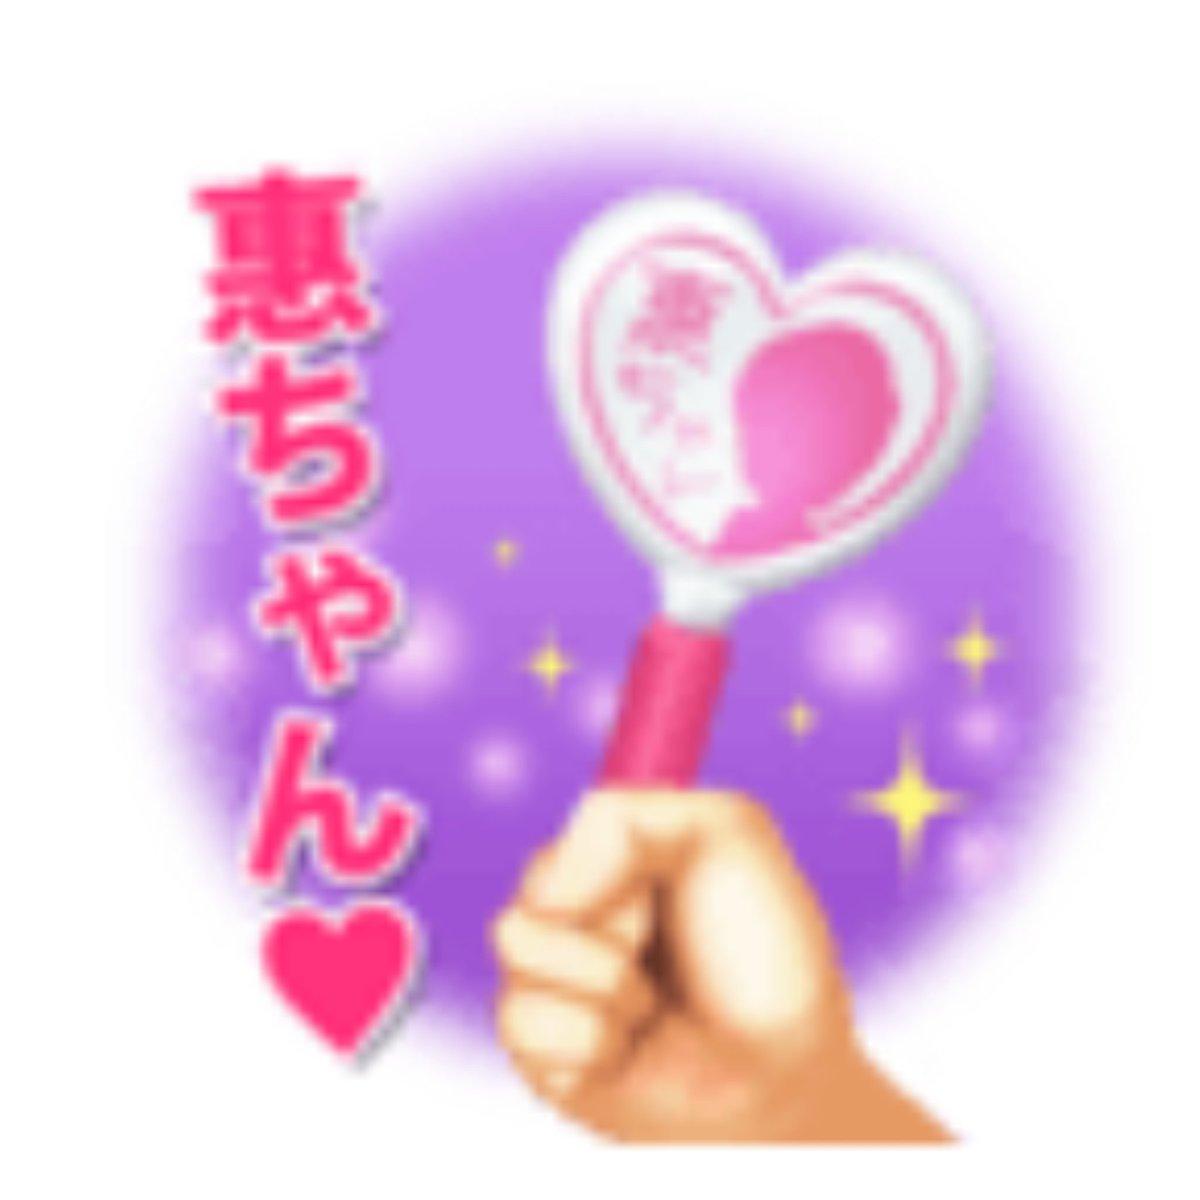 ミンゴ blog 惠 山内 ファン 介